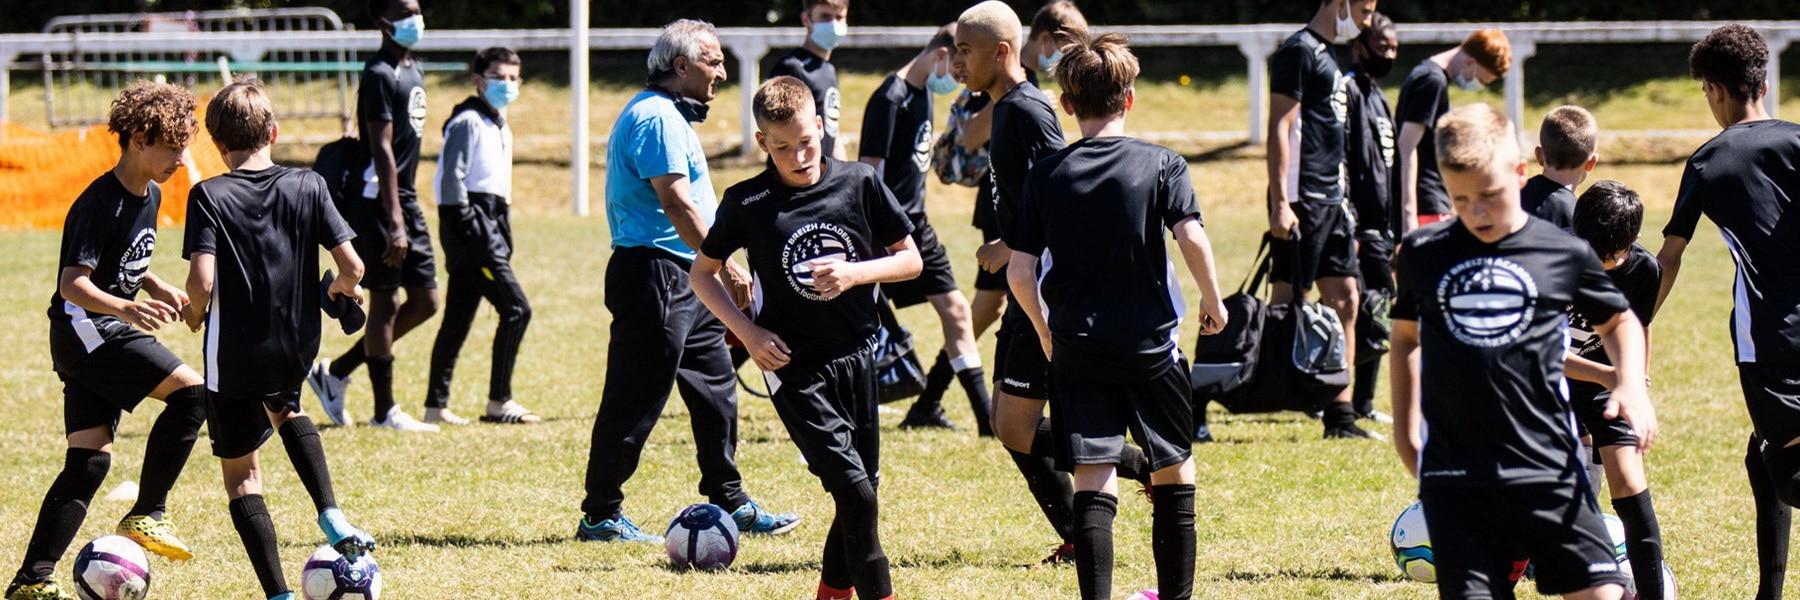 entrainement jeune enfant stage foot breizh académie